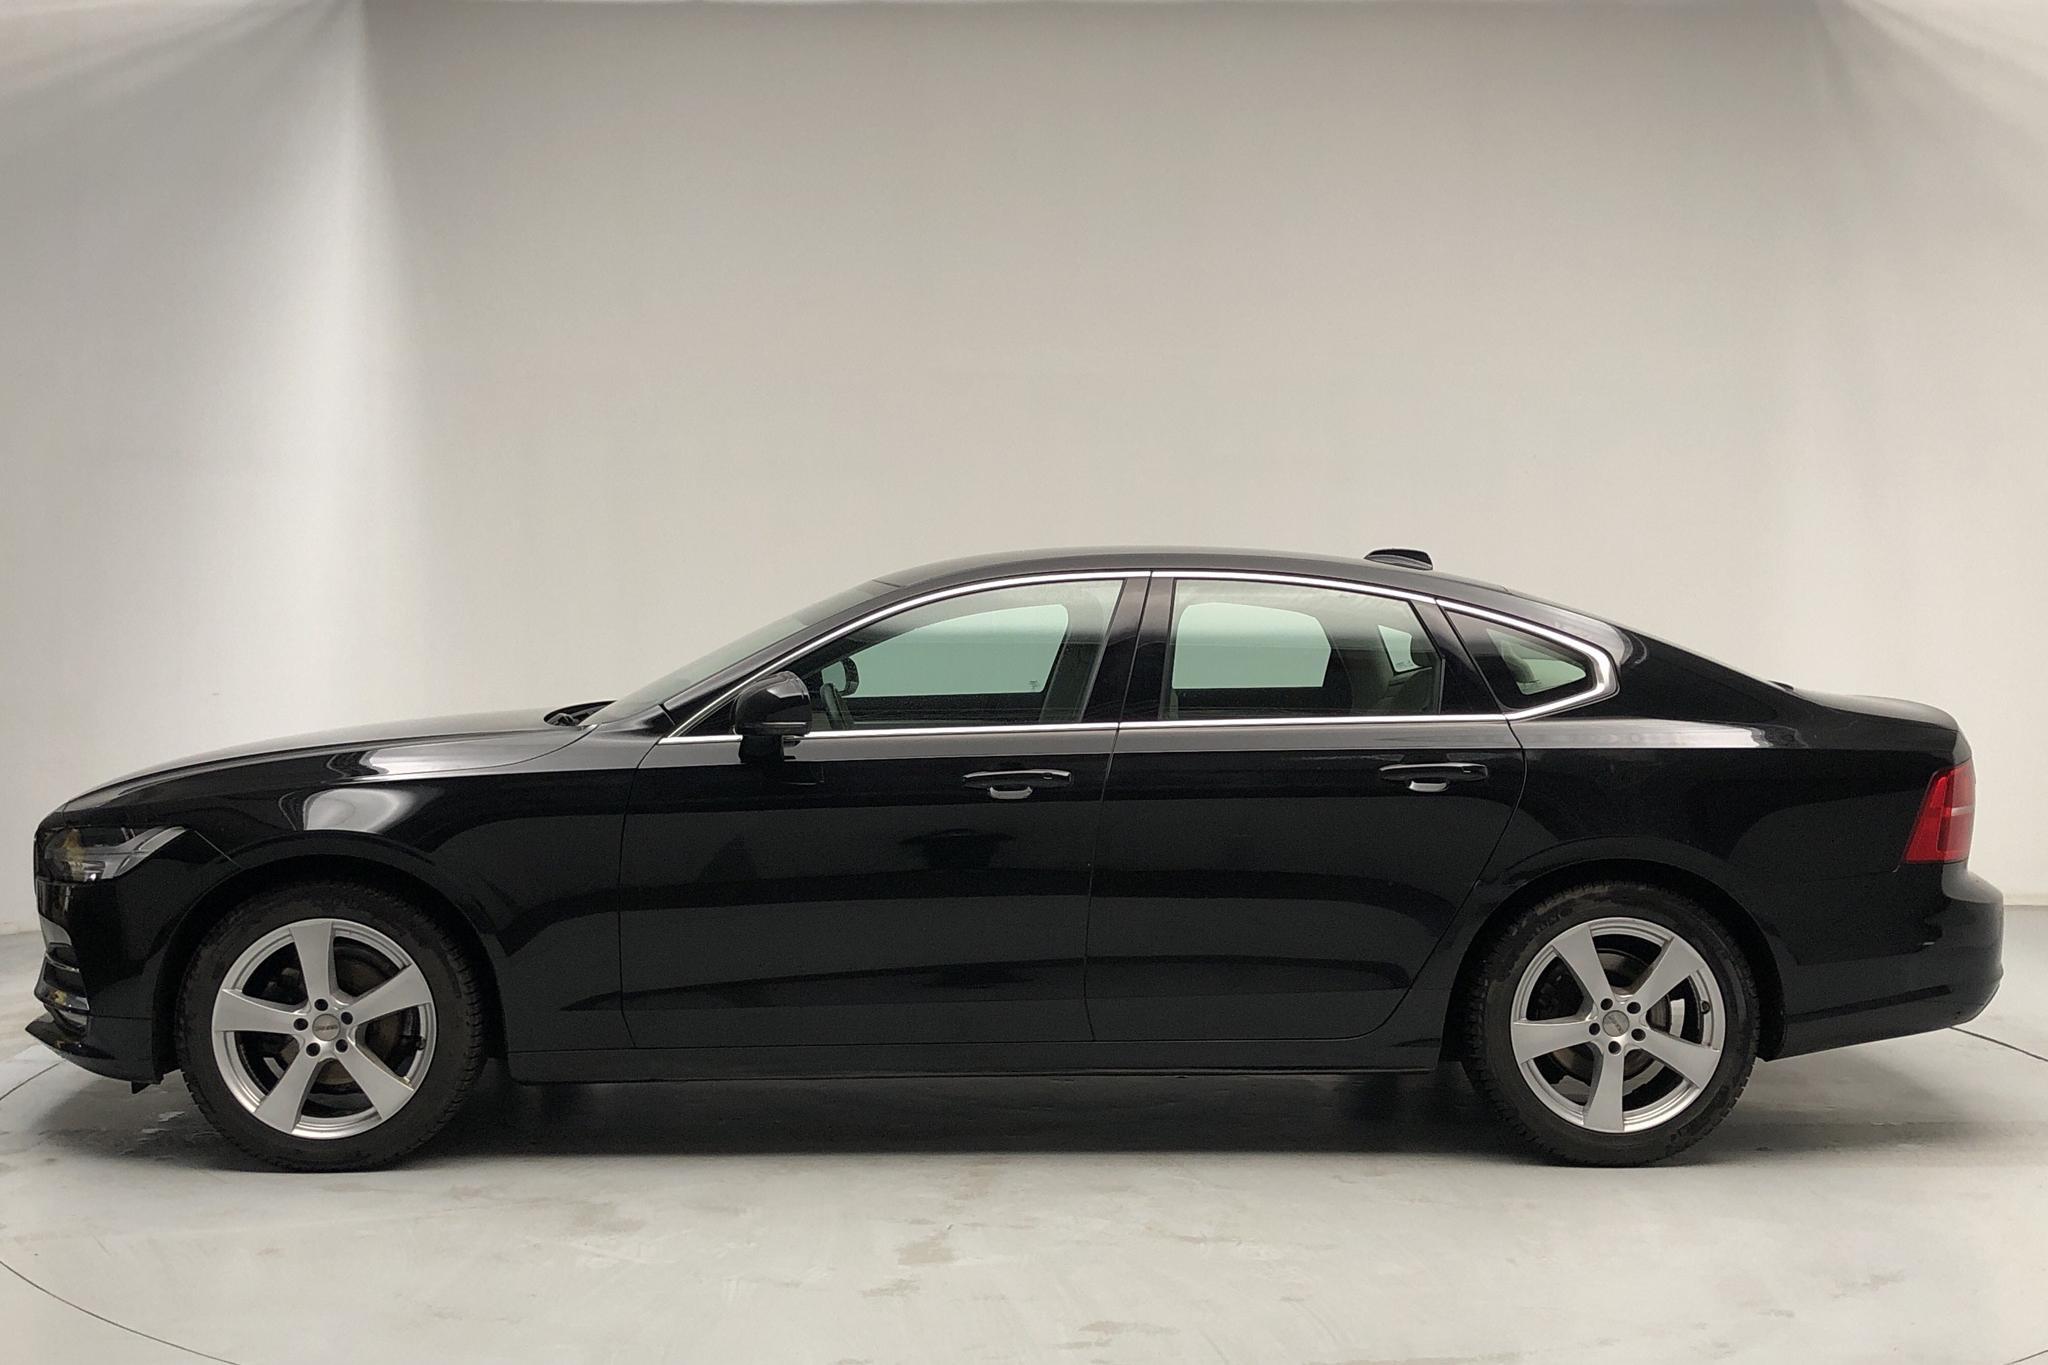 Volvo S90 D3 (150hk) - 54 280 km - Manual - black - 2018